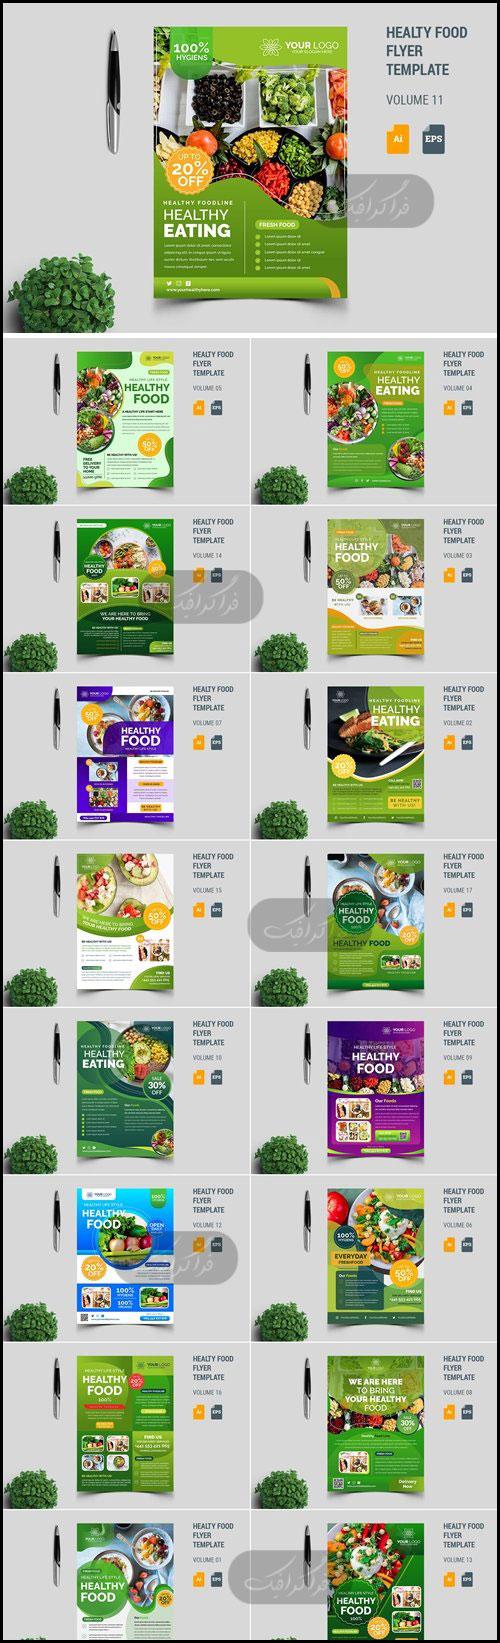 دانلود وکتور پوستر های تبلیغاتی غذای سالم